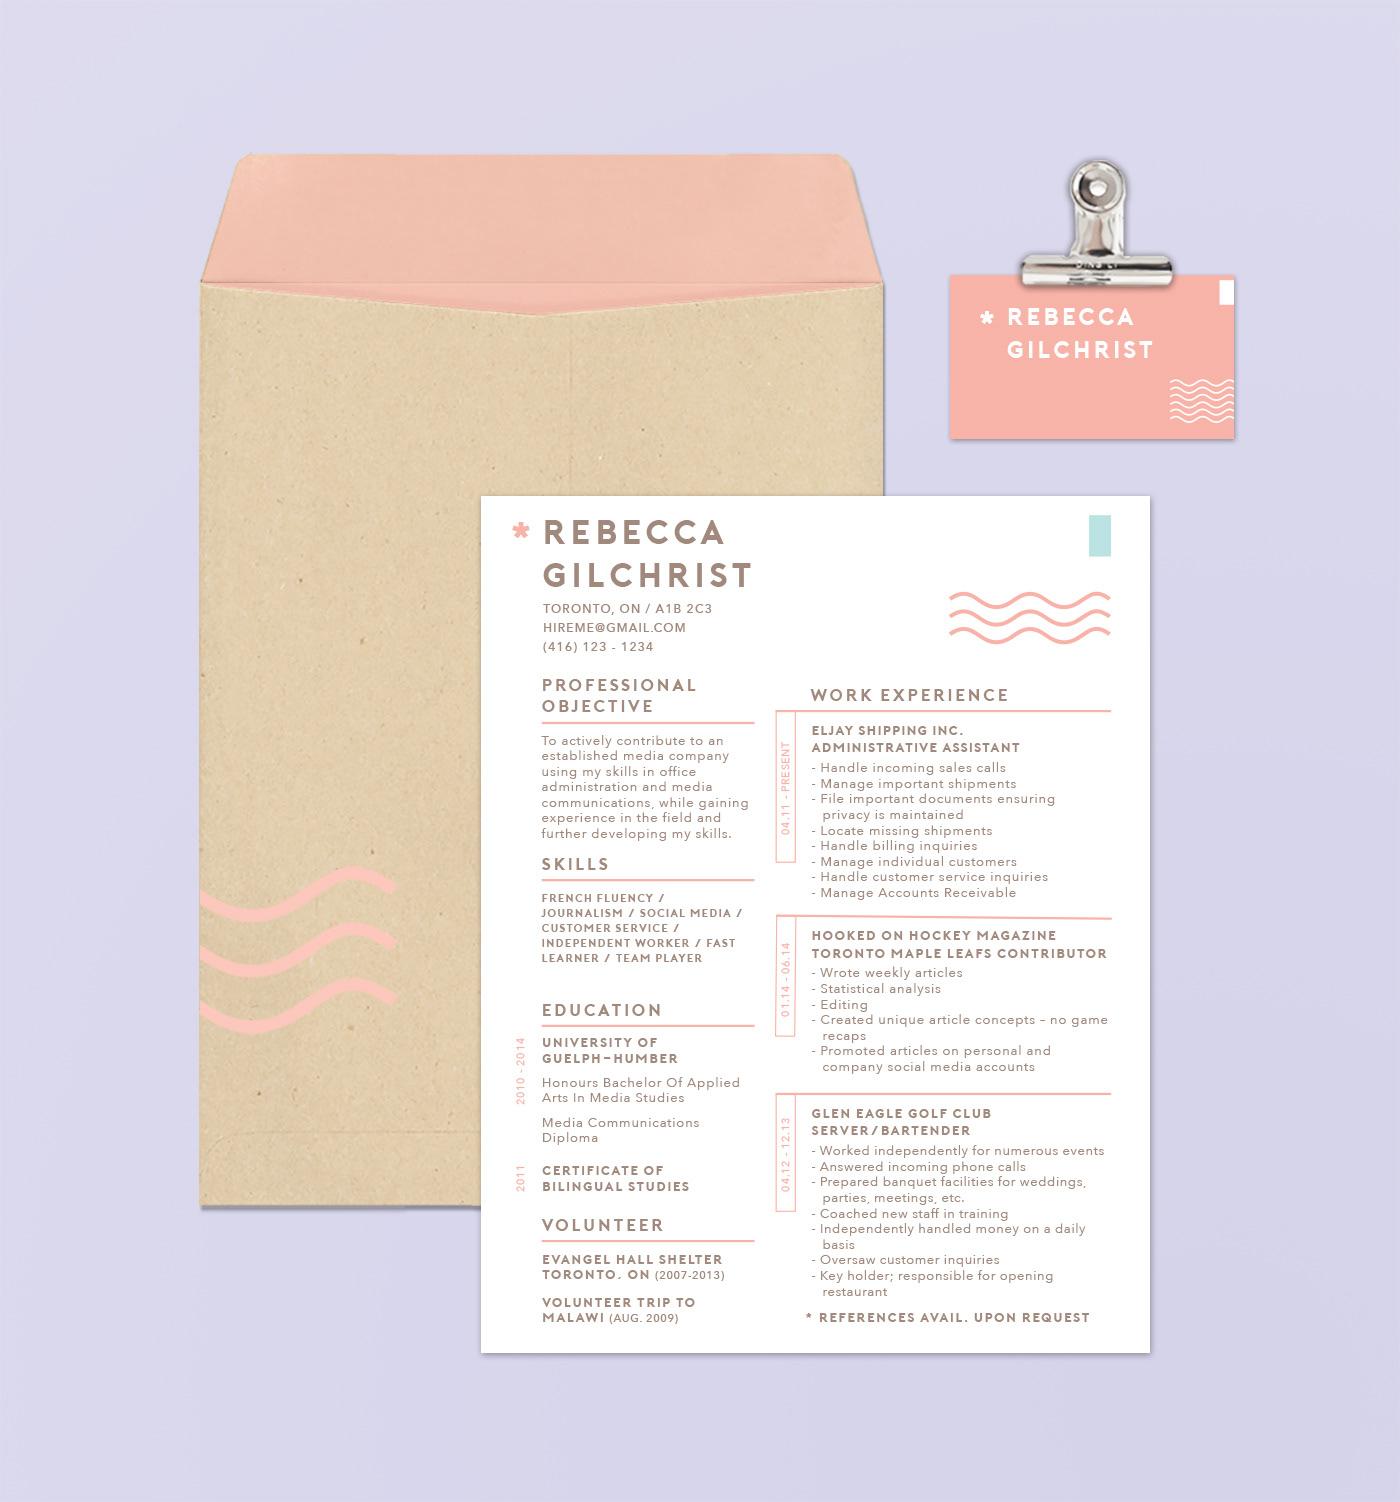 jade lexine - design, etc. - personal branding: resume